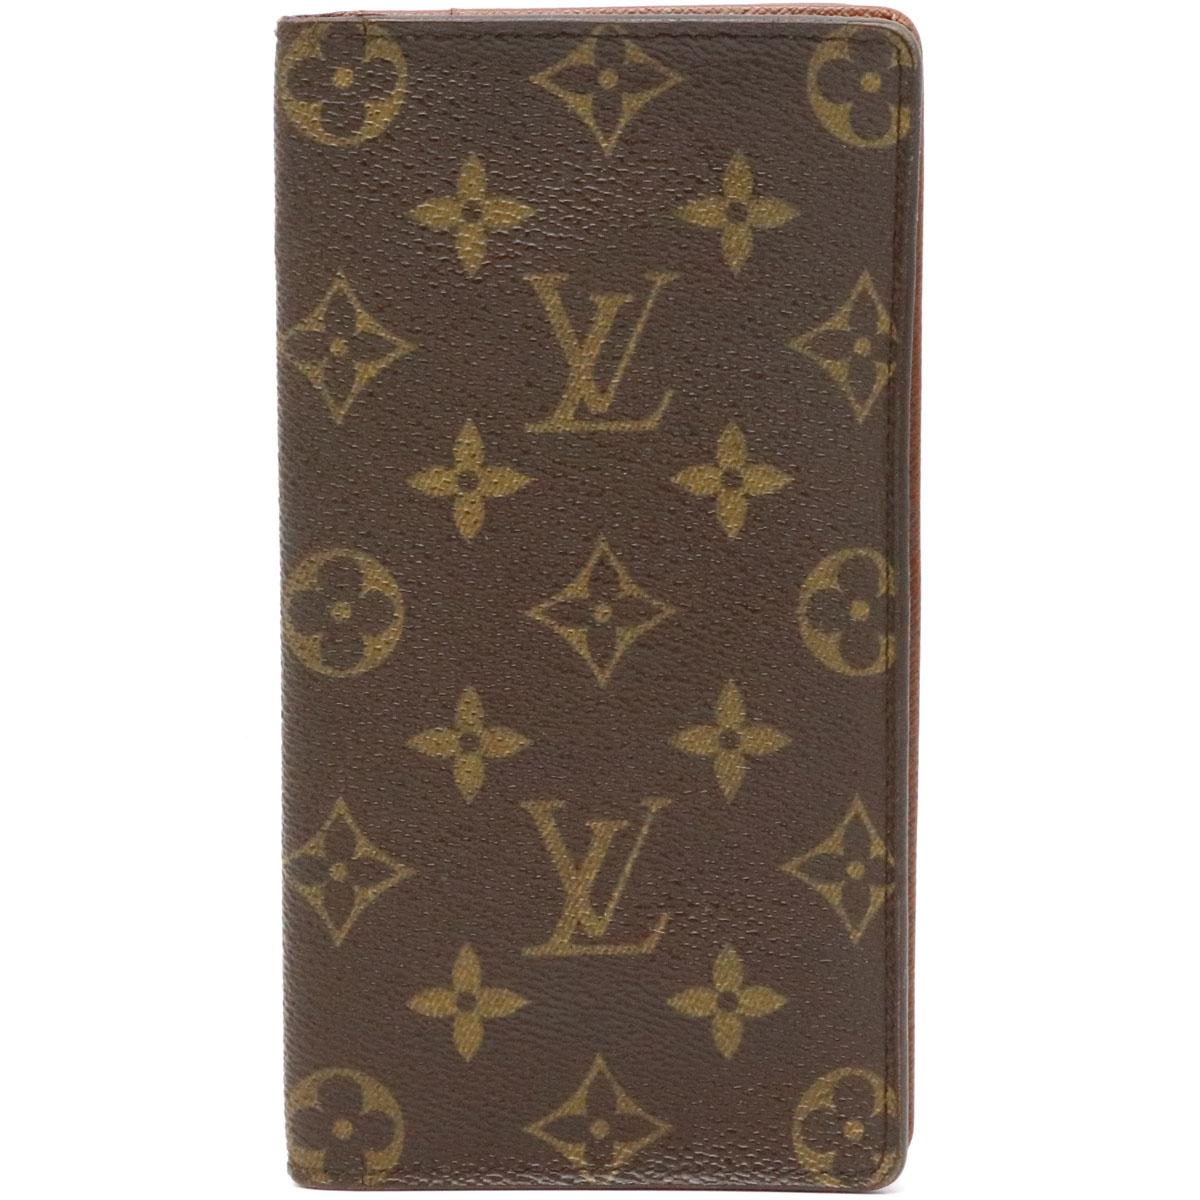 【財布】LOUIS VUITTON ルイ ヴィトン モノグラム ポルト カルト クレディ 円 2つ折 長札入れ M60825 【中古】